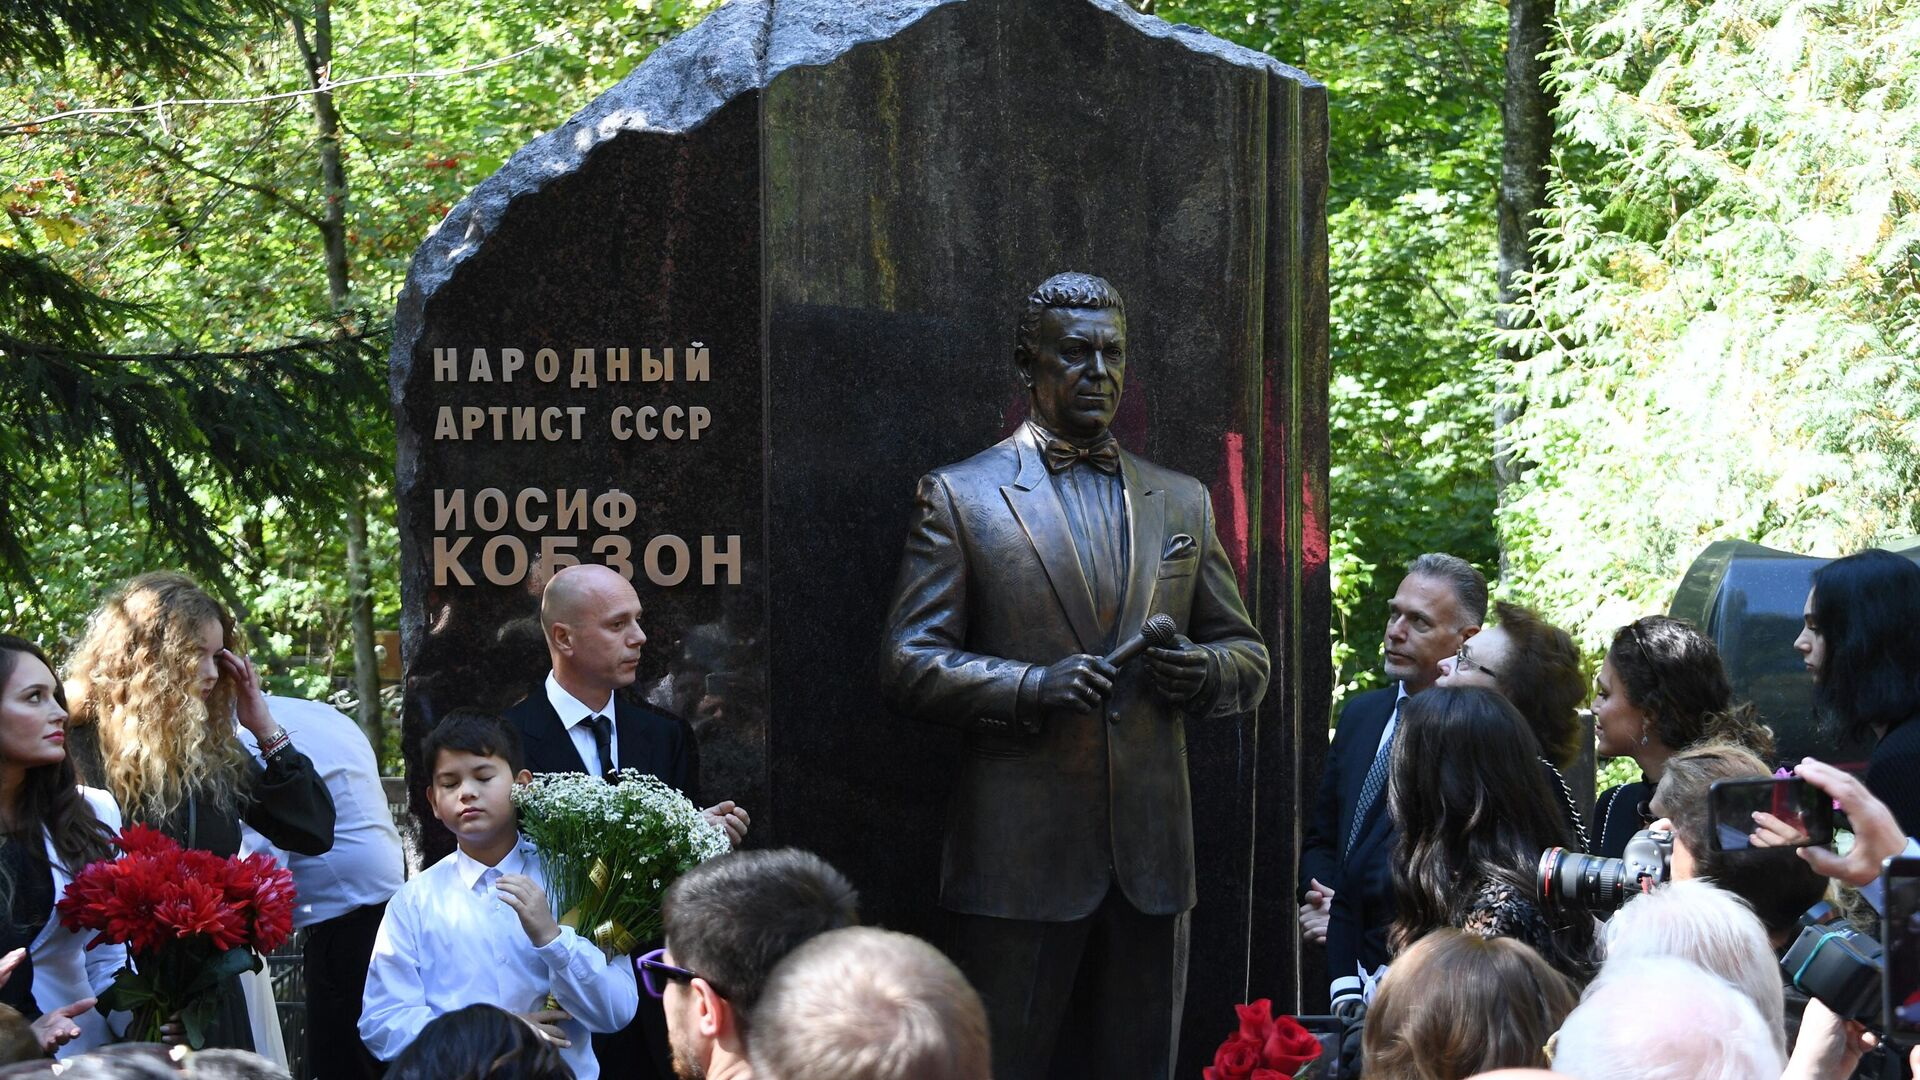 Памятник Иосифу Кобзону на Востряковском кладбище в Москве - РИА Новости, 1920, 01.09.2020